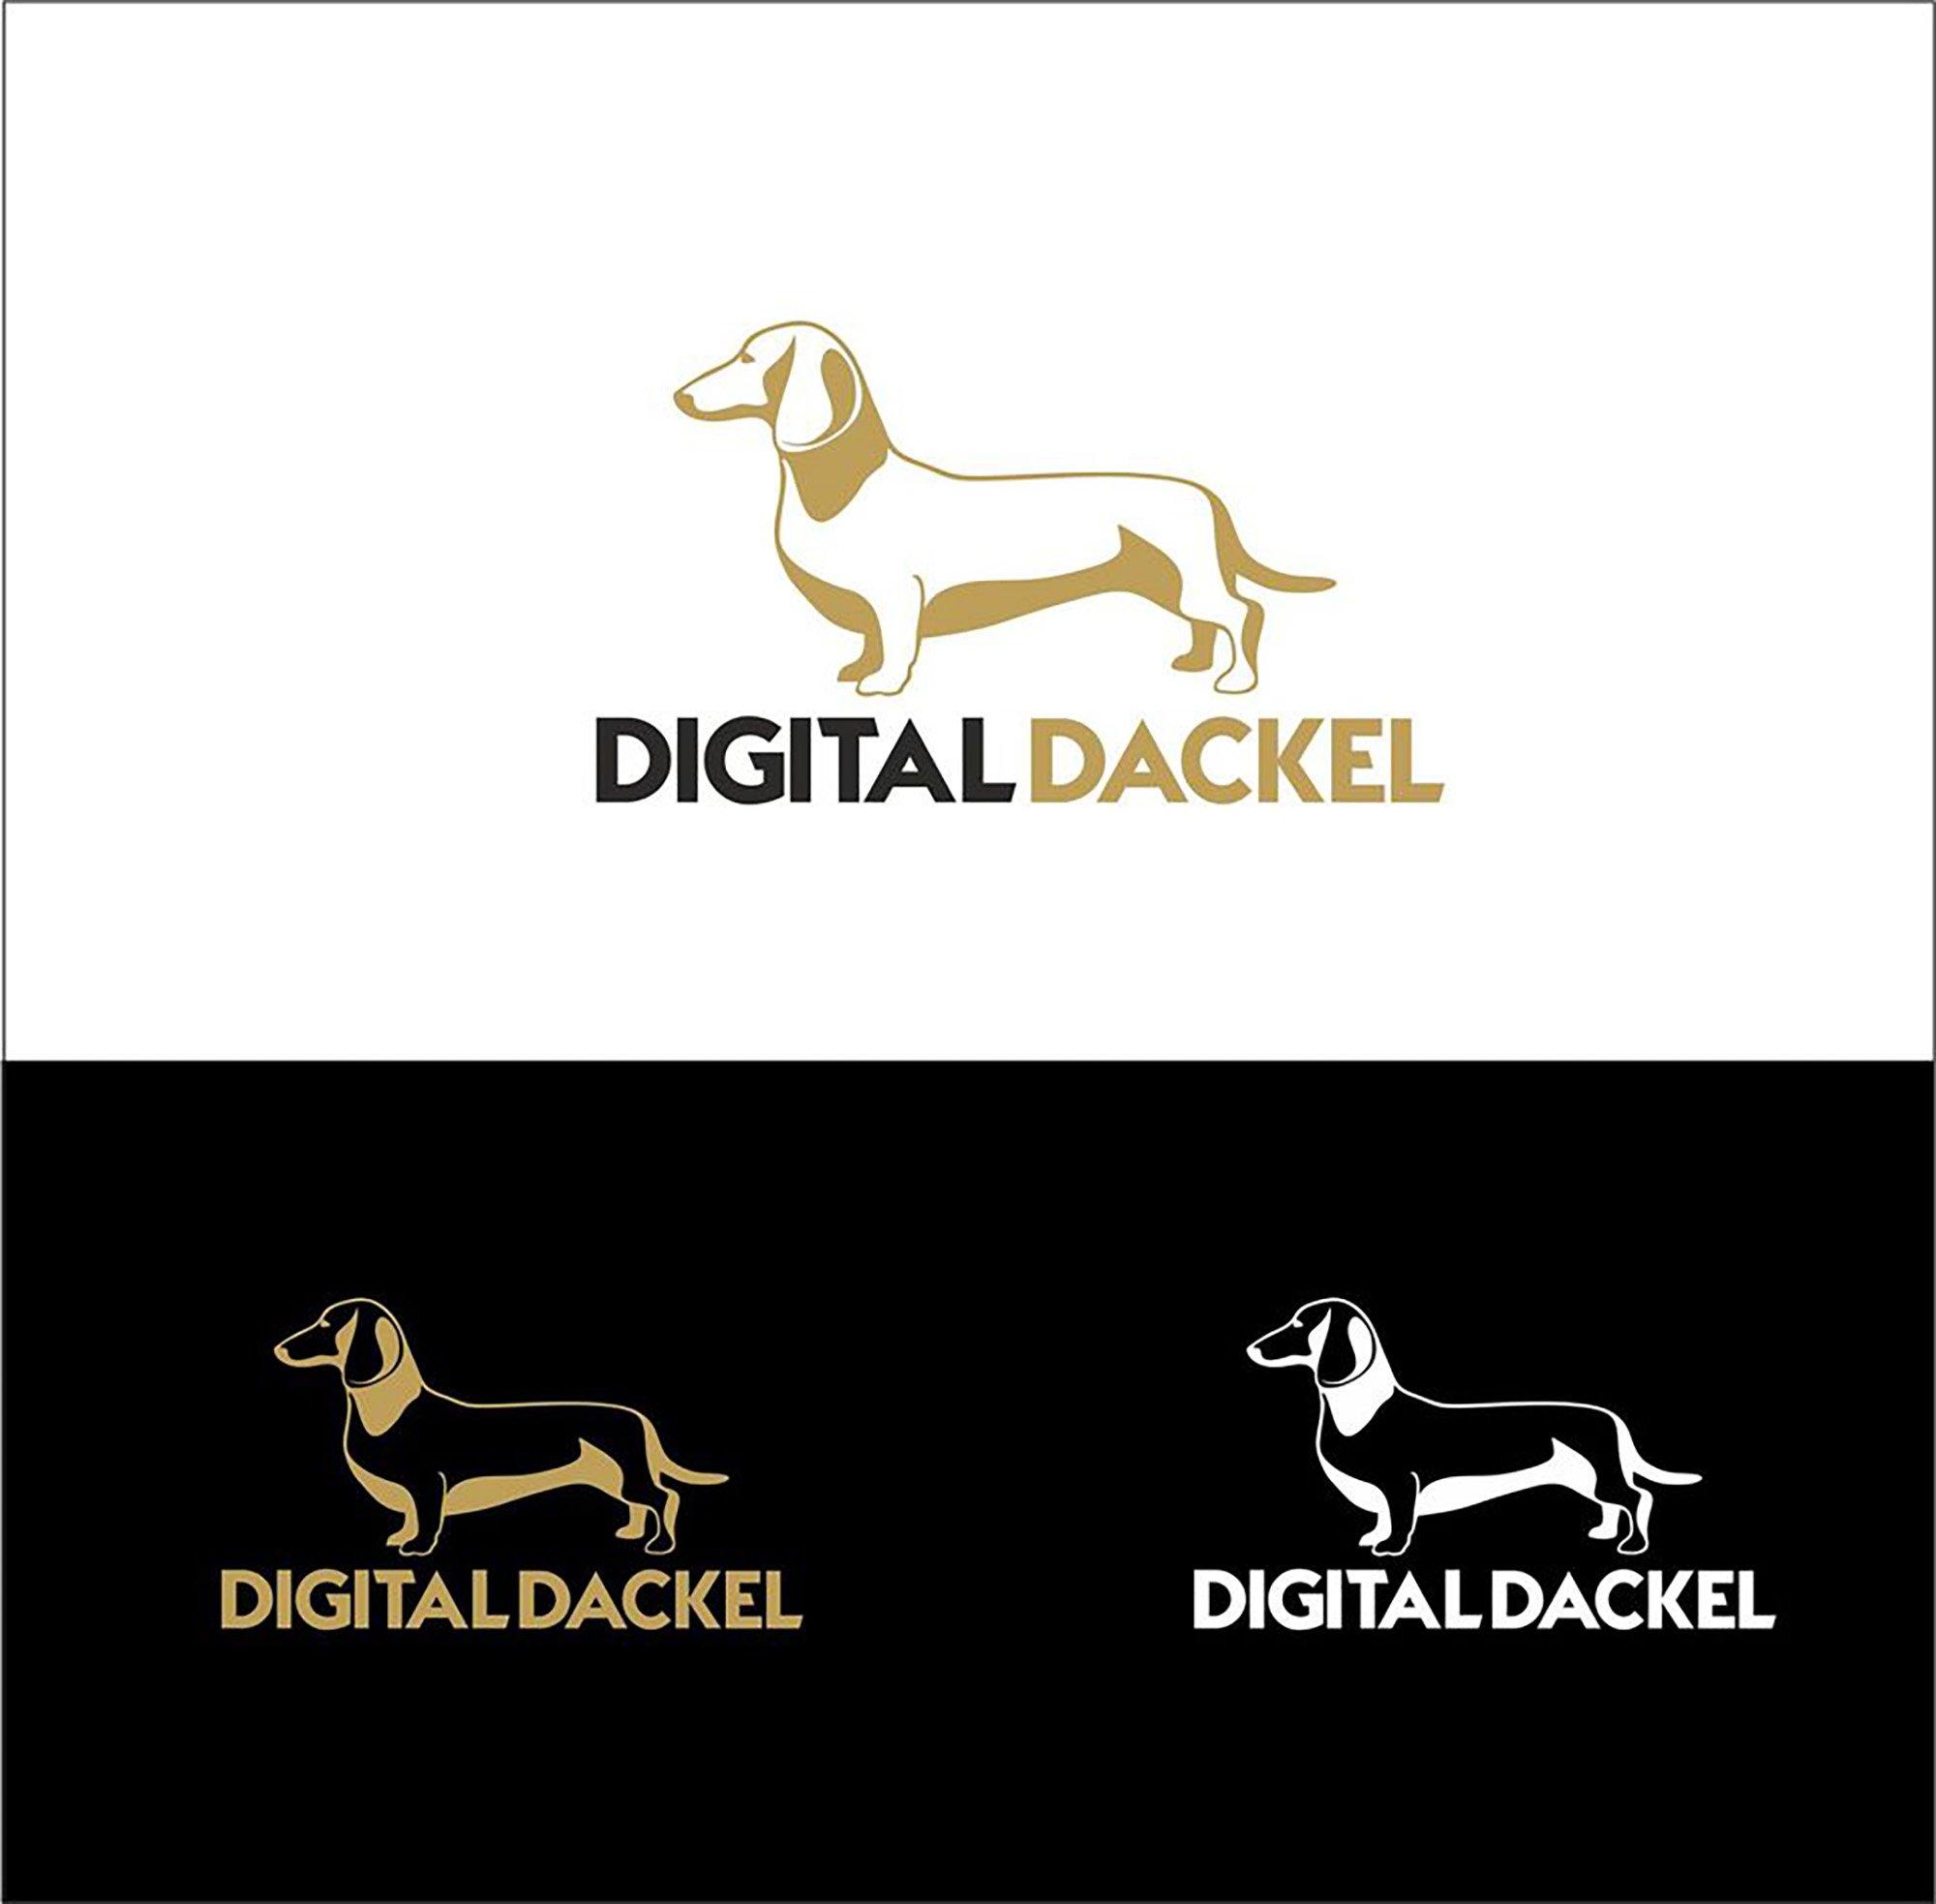 digital dackel 1